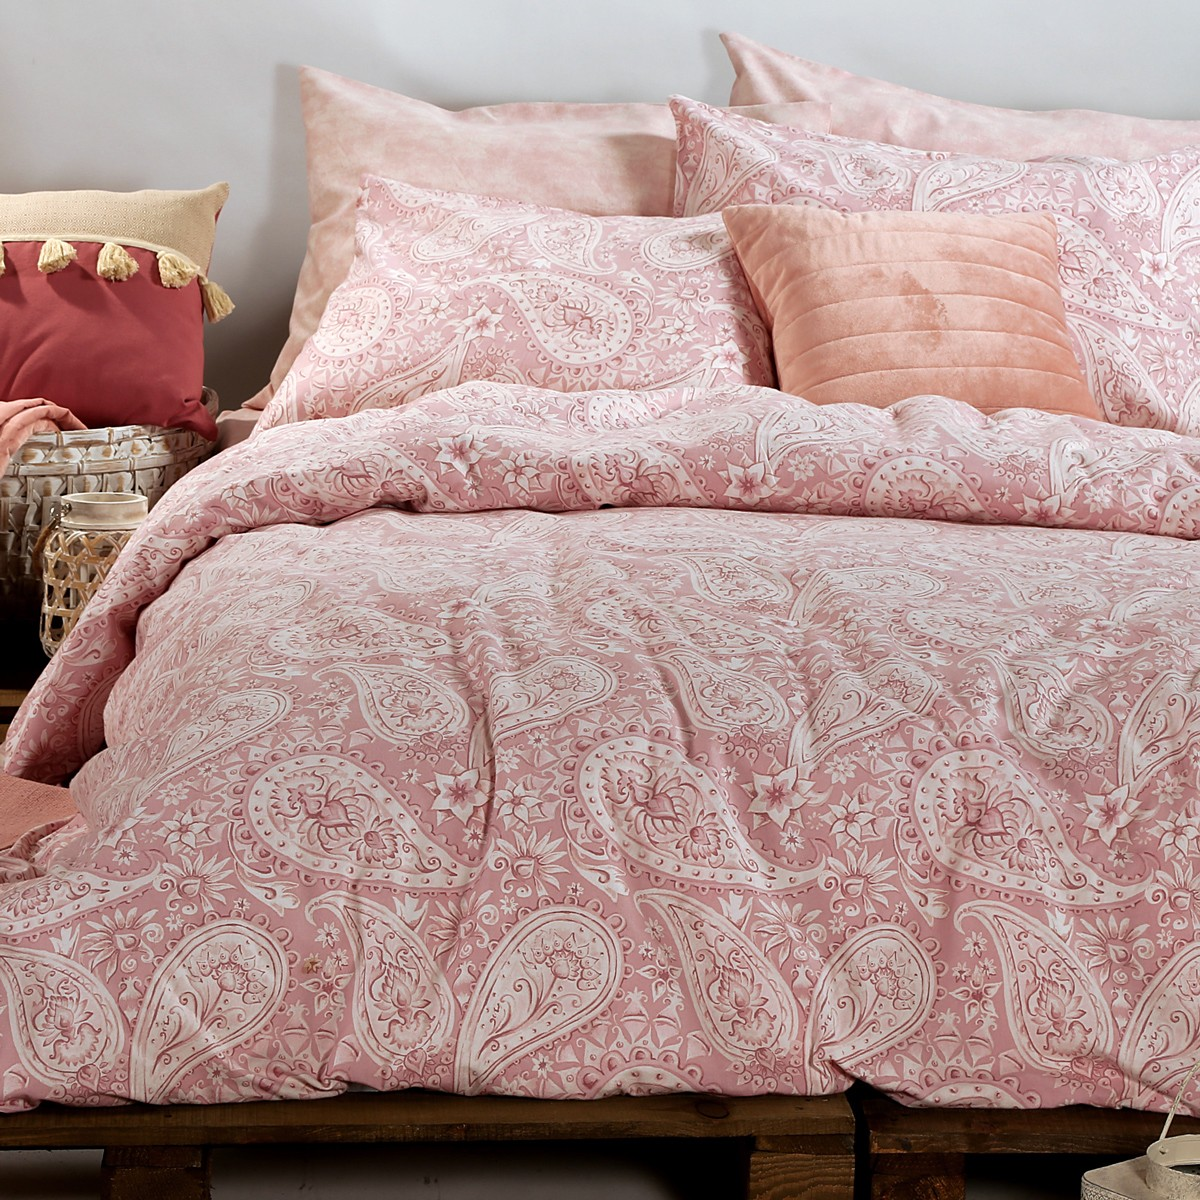 Φανελένια Σεντόνια Μονά (Σετ) Nef-Nef Barocco Pink